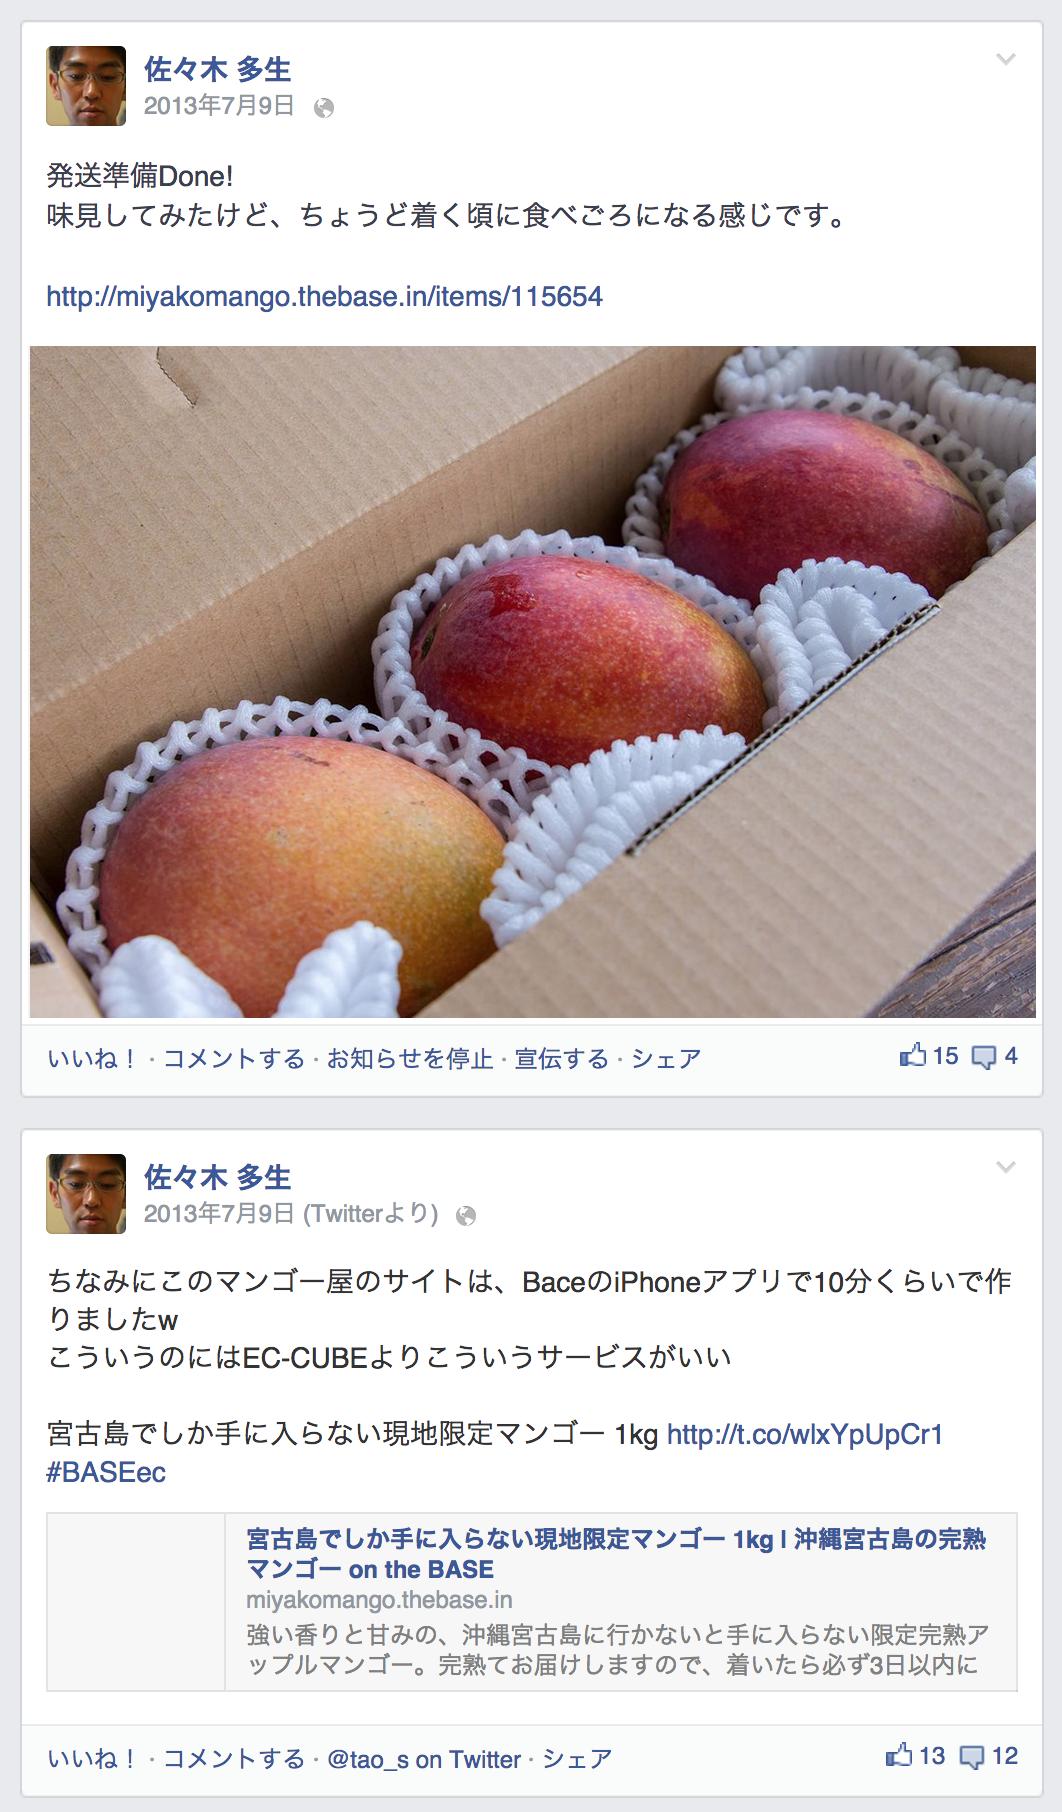 スクリーンショット 2014-09-11 4.27.48